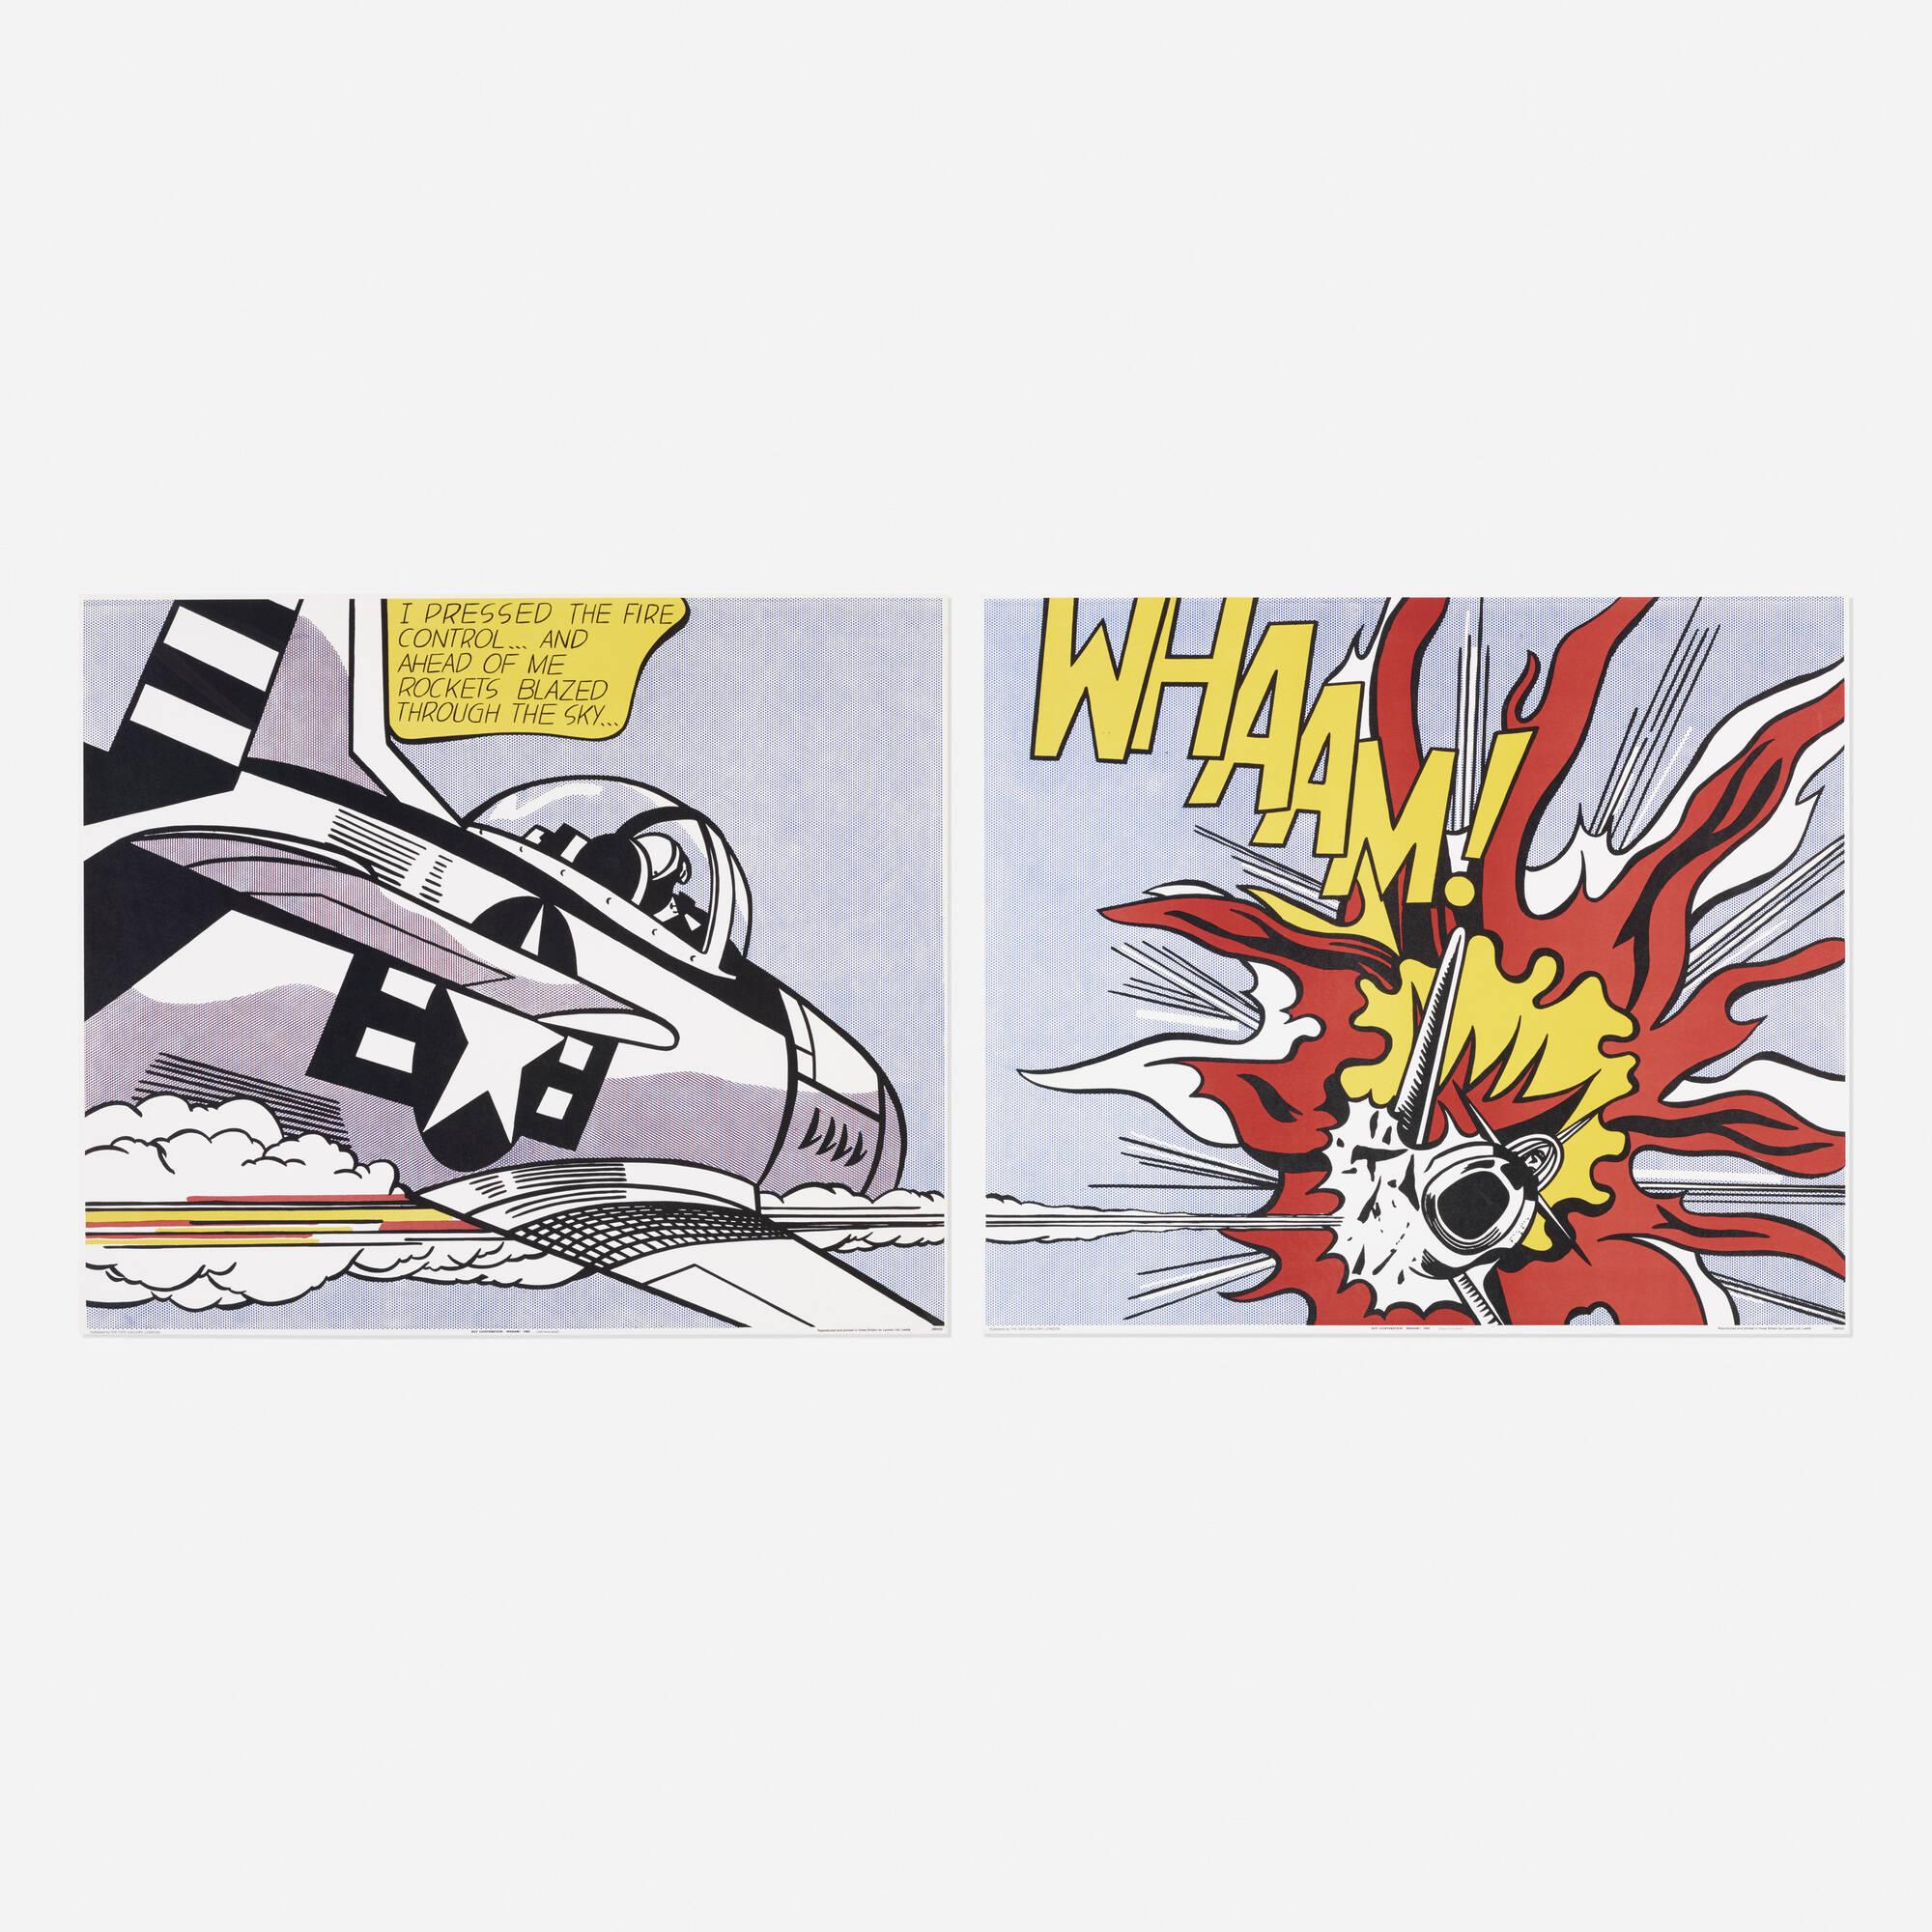 171: Roy Lichtenstein / WHAAM! poster (1 of 1)